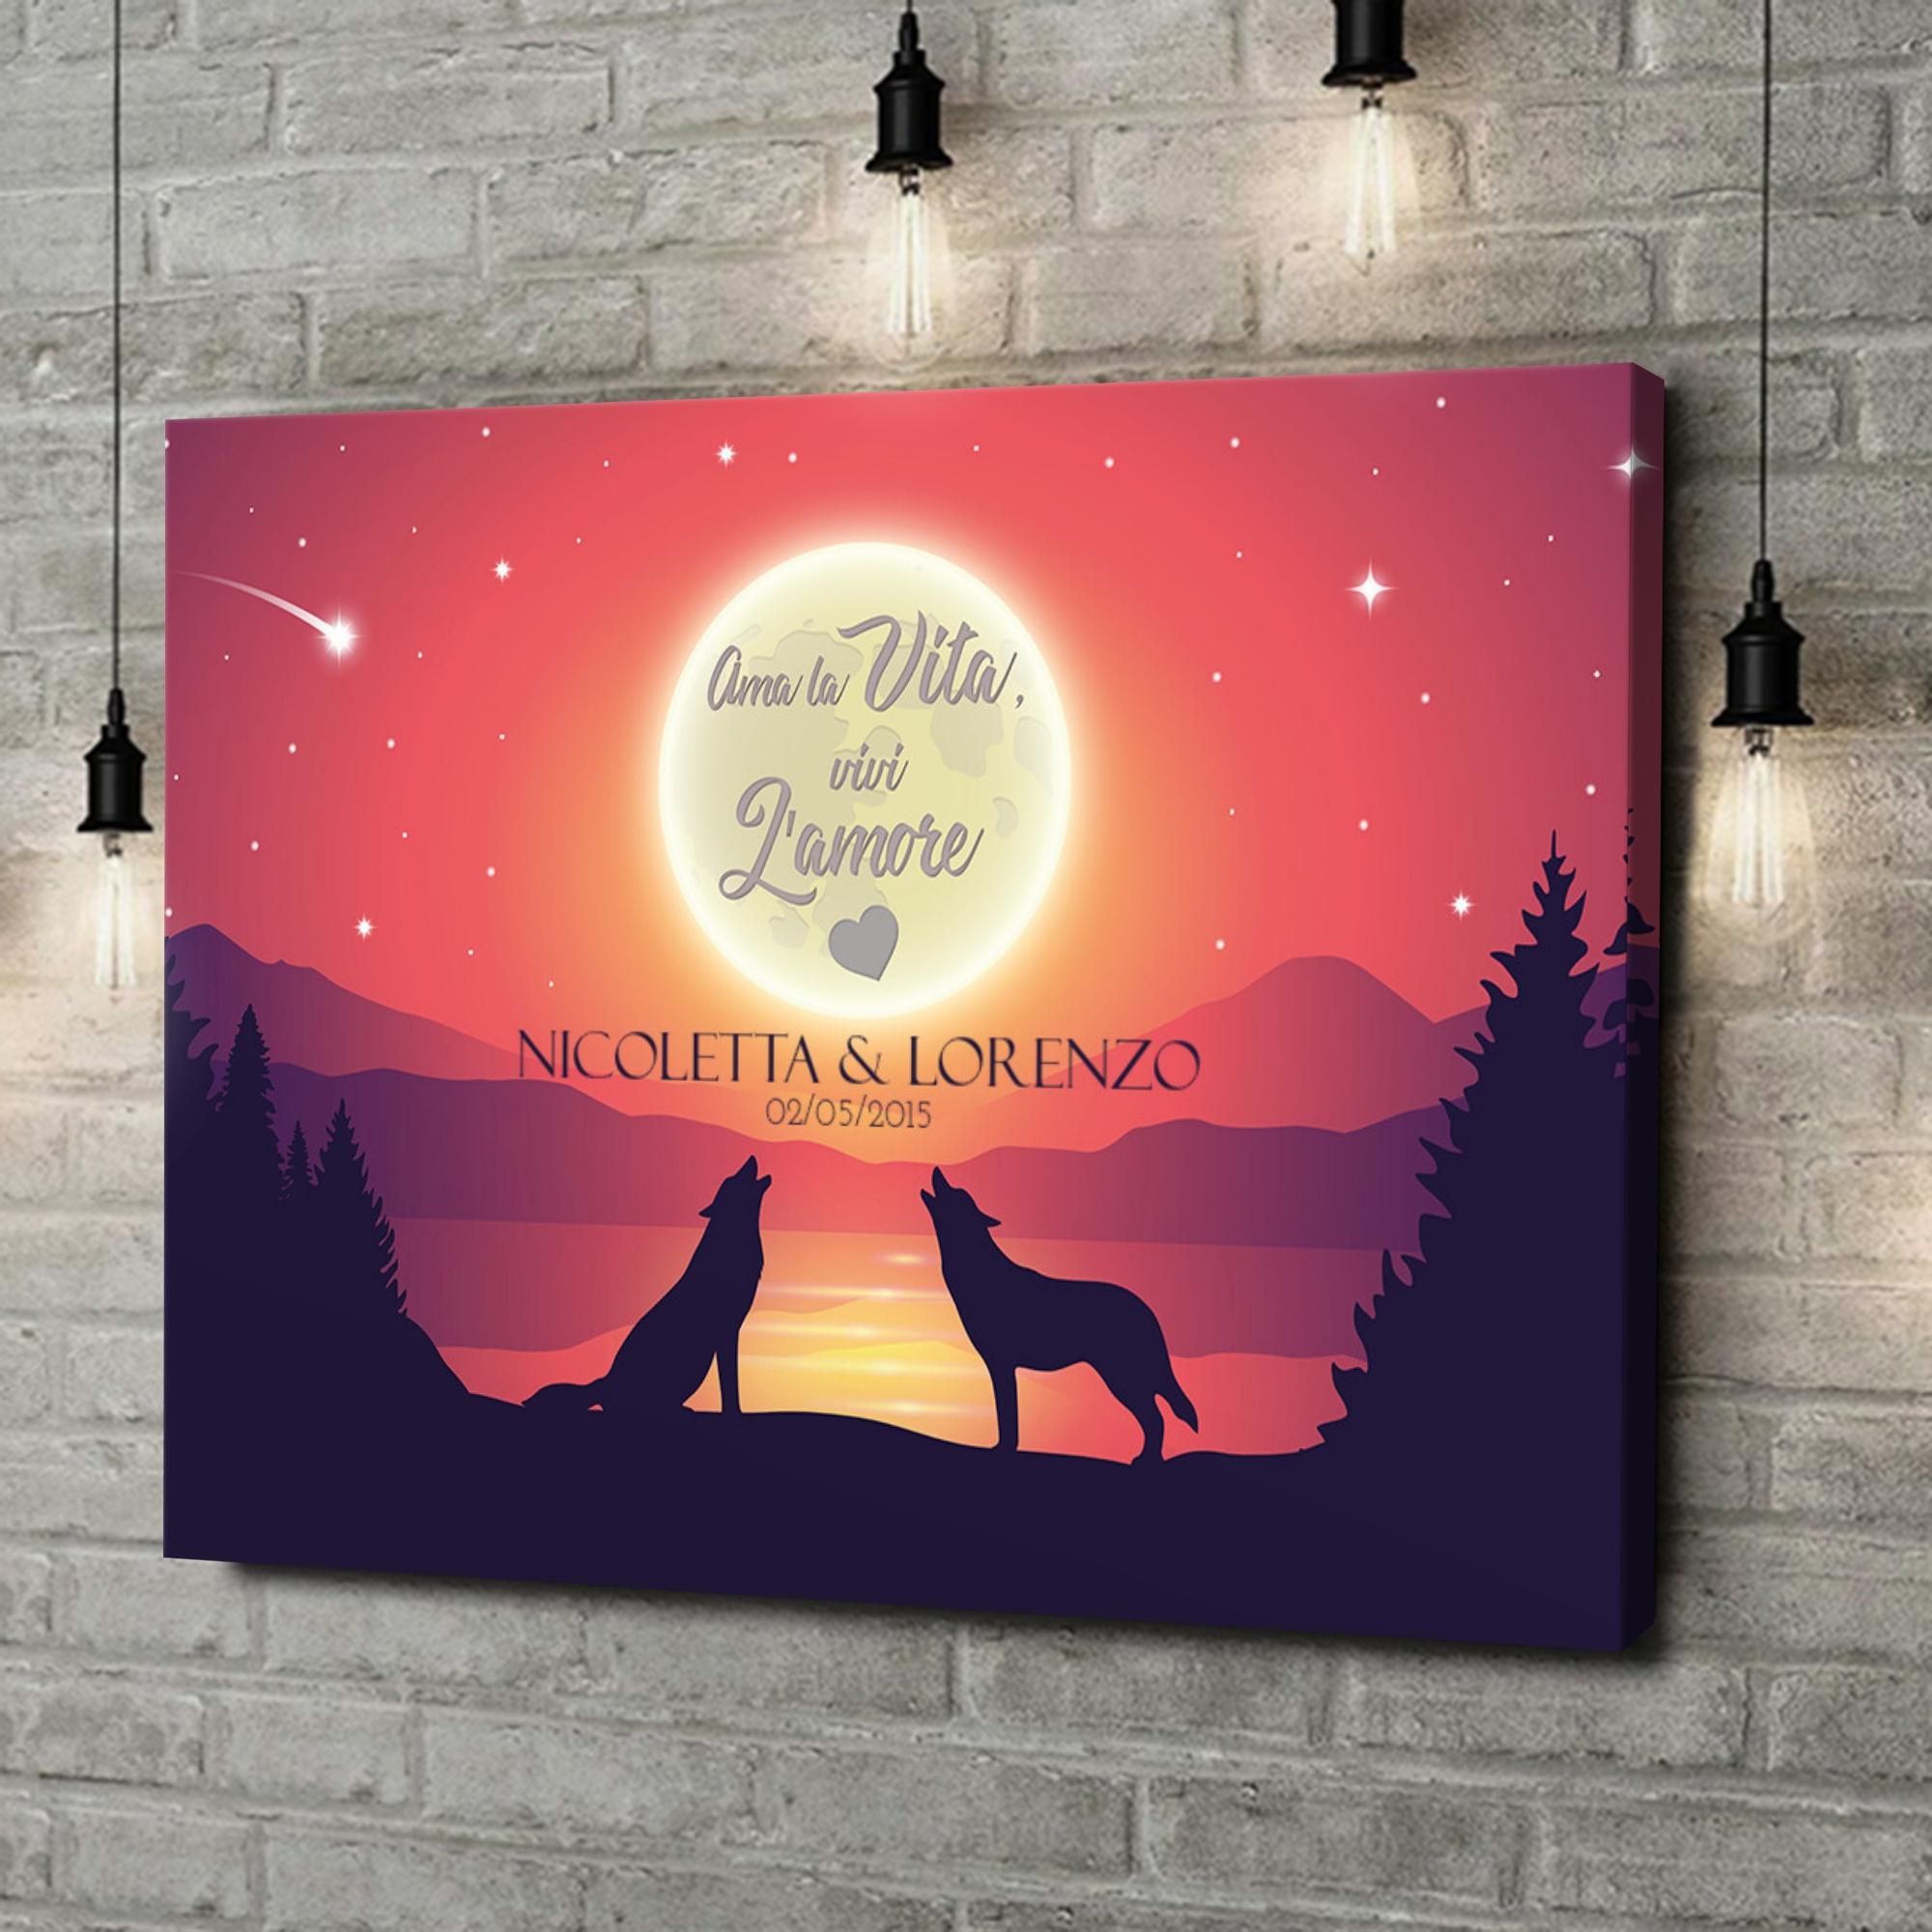 Stampa personalizzata su tela Amore al chiaro di luna